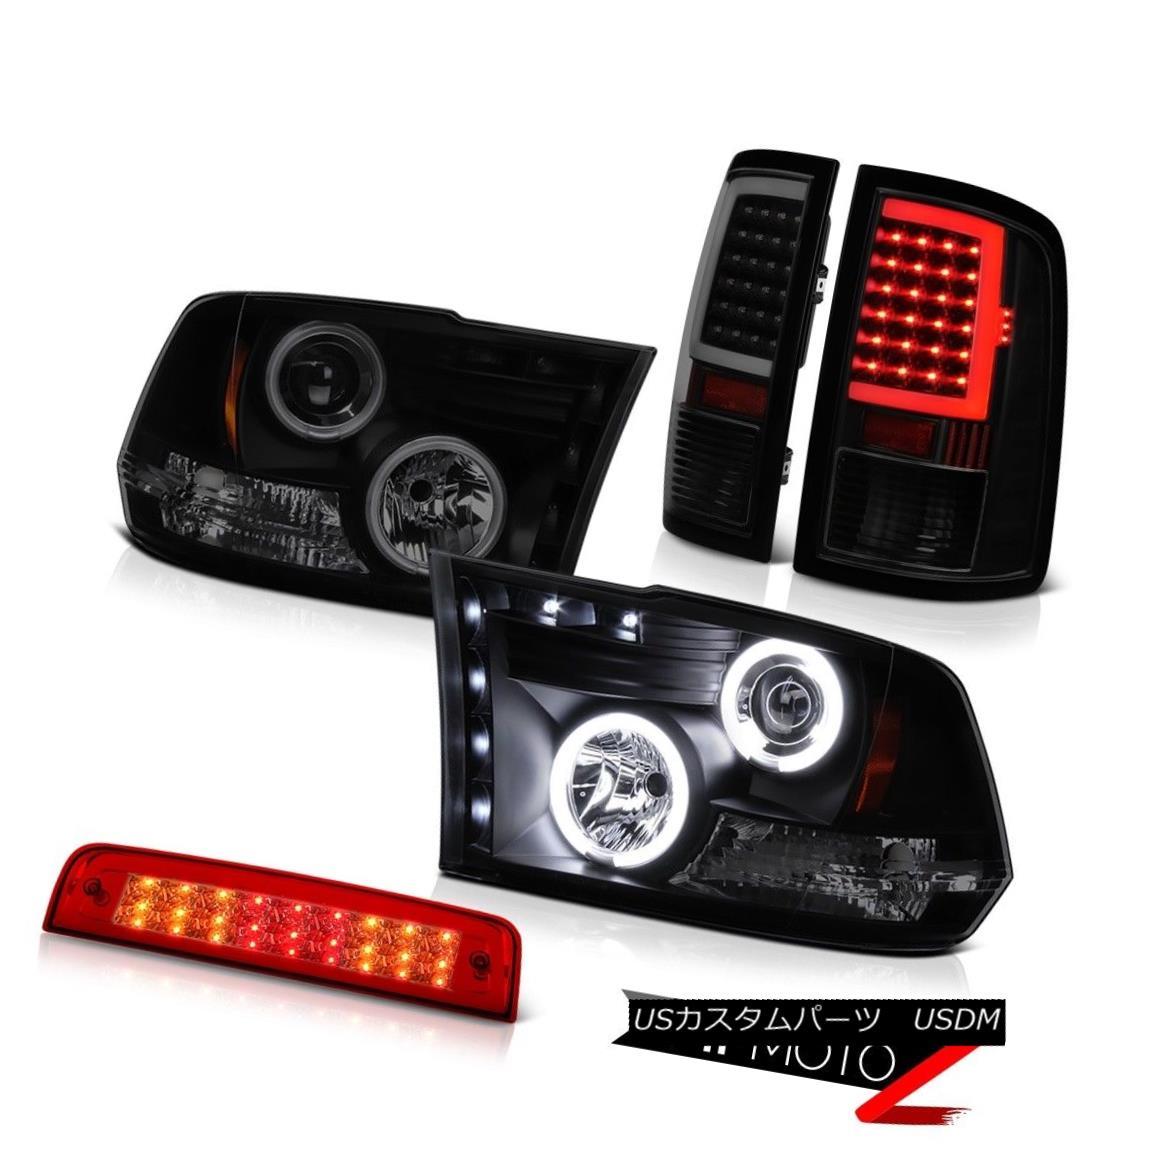 テールライト 09-18 Dodge RAM 3500 Fiber Optic Tail Lights Red Brake CCFL Headlamp Replacement 09-18ダッジRAM 3500光ファイバーテールライト赤ブレーキCCFLヘッドランプ交換